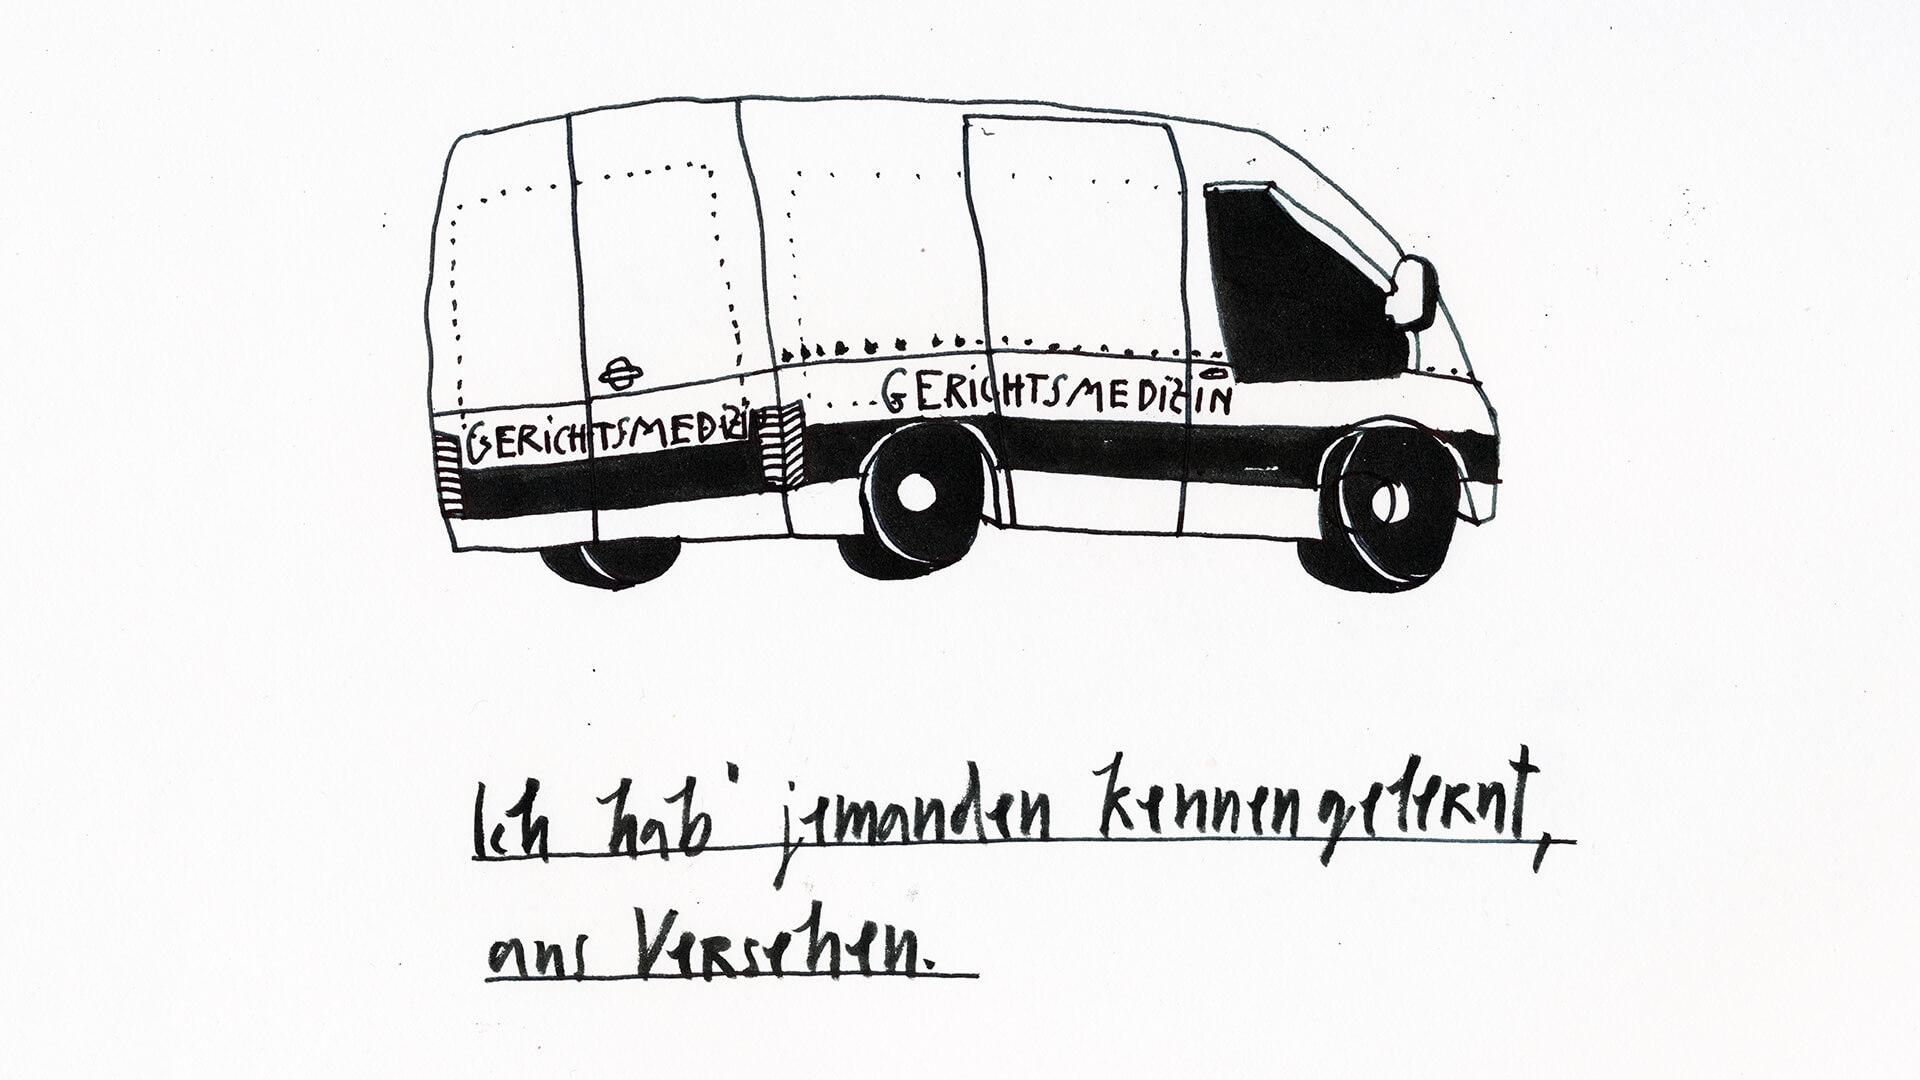 Matrosenhunde, Wochenkalender, Illustration, Zeichnung, Berlin, Transporter, Gerichtsmedizin, Leiche, Tatort, Mord, Auto, fahren